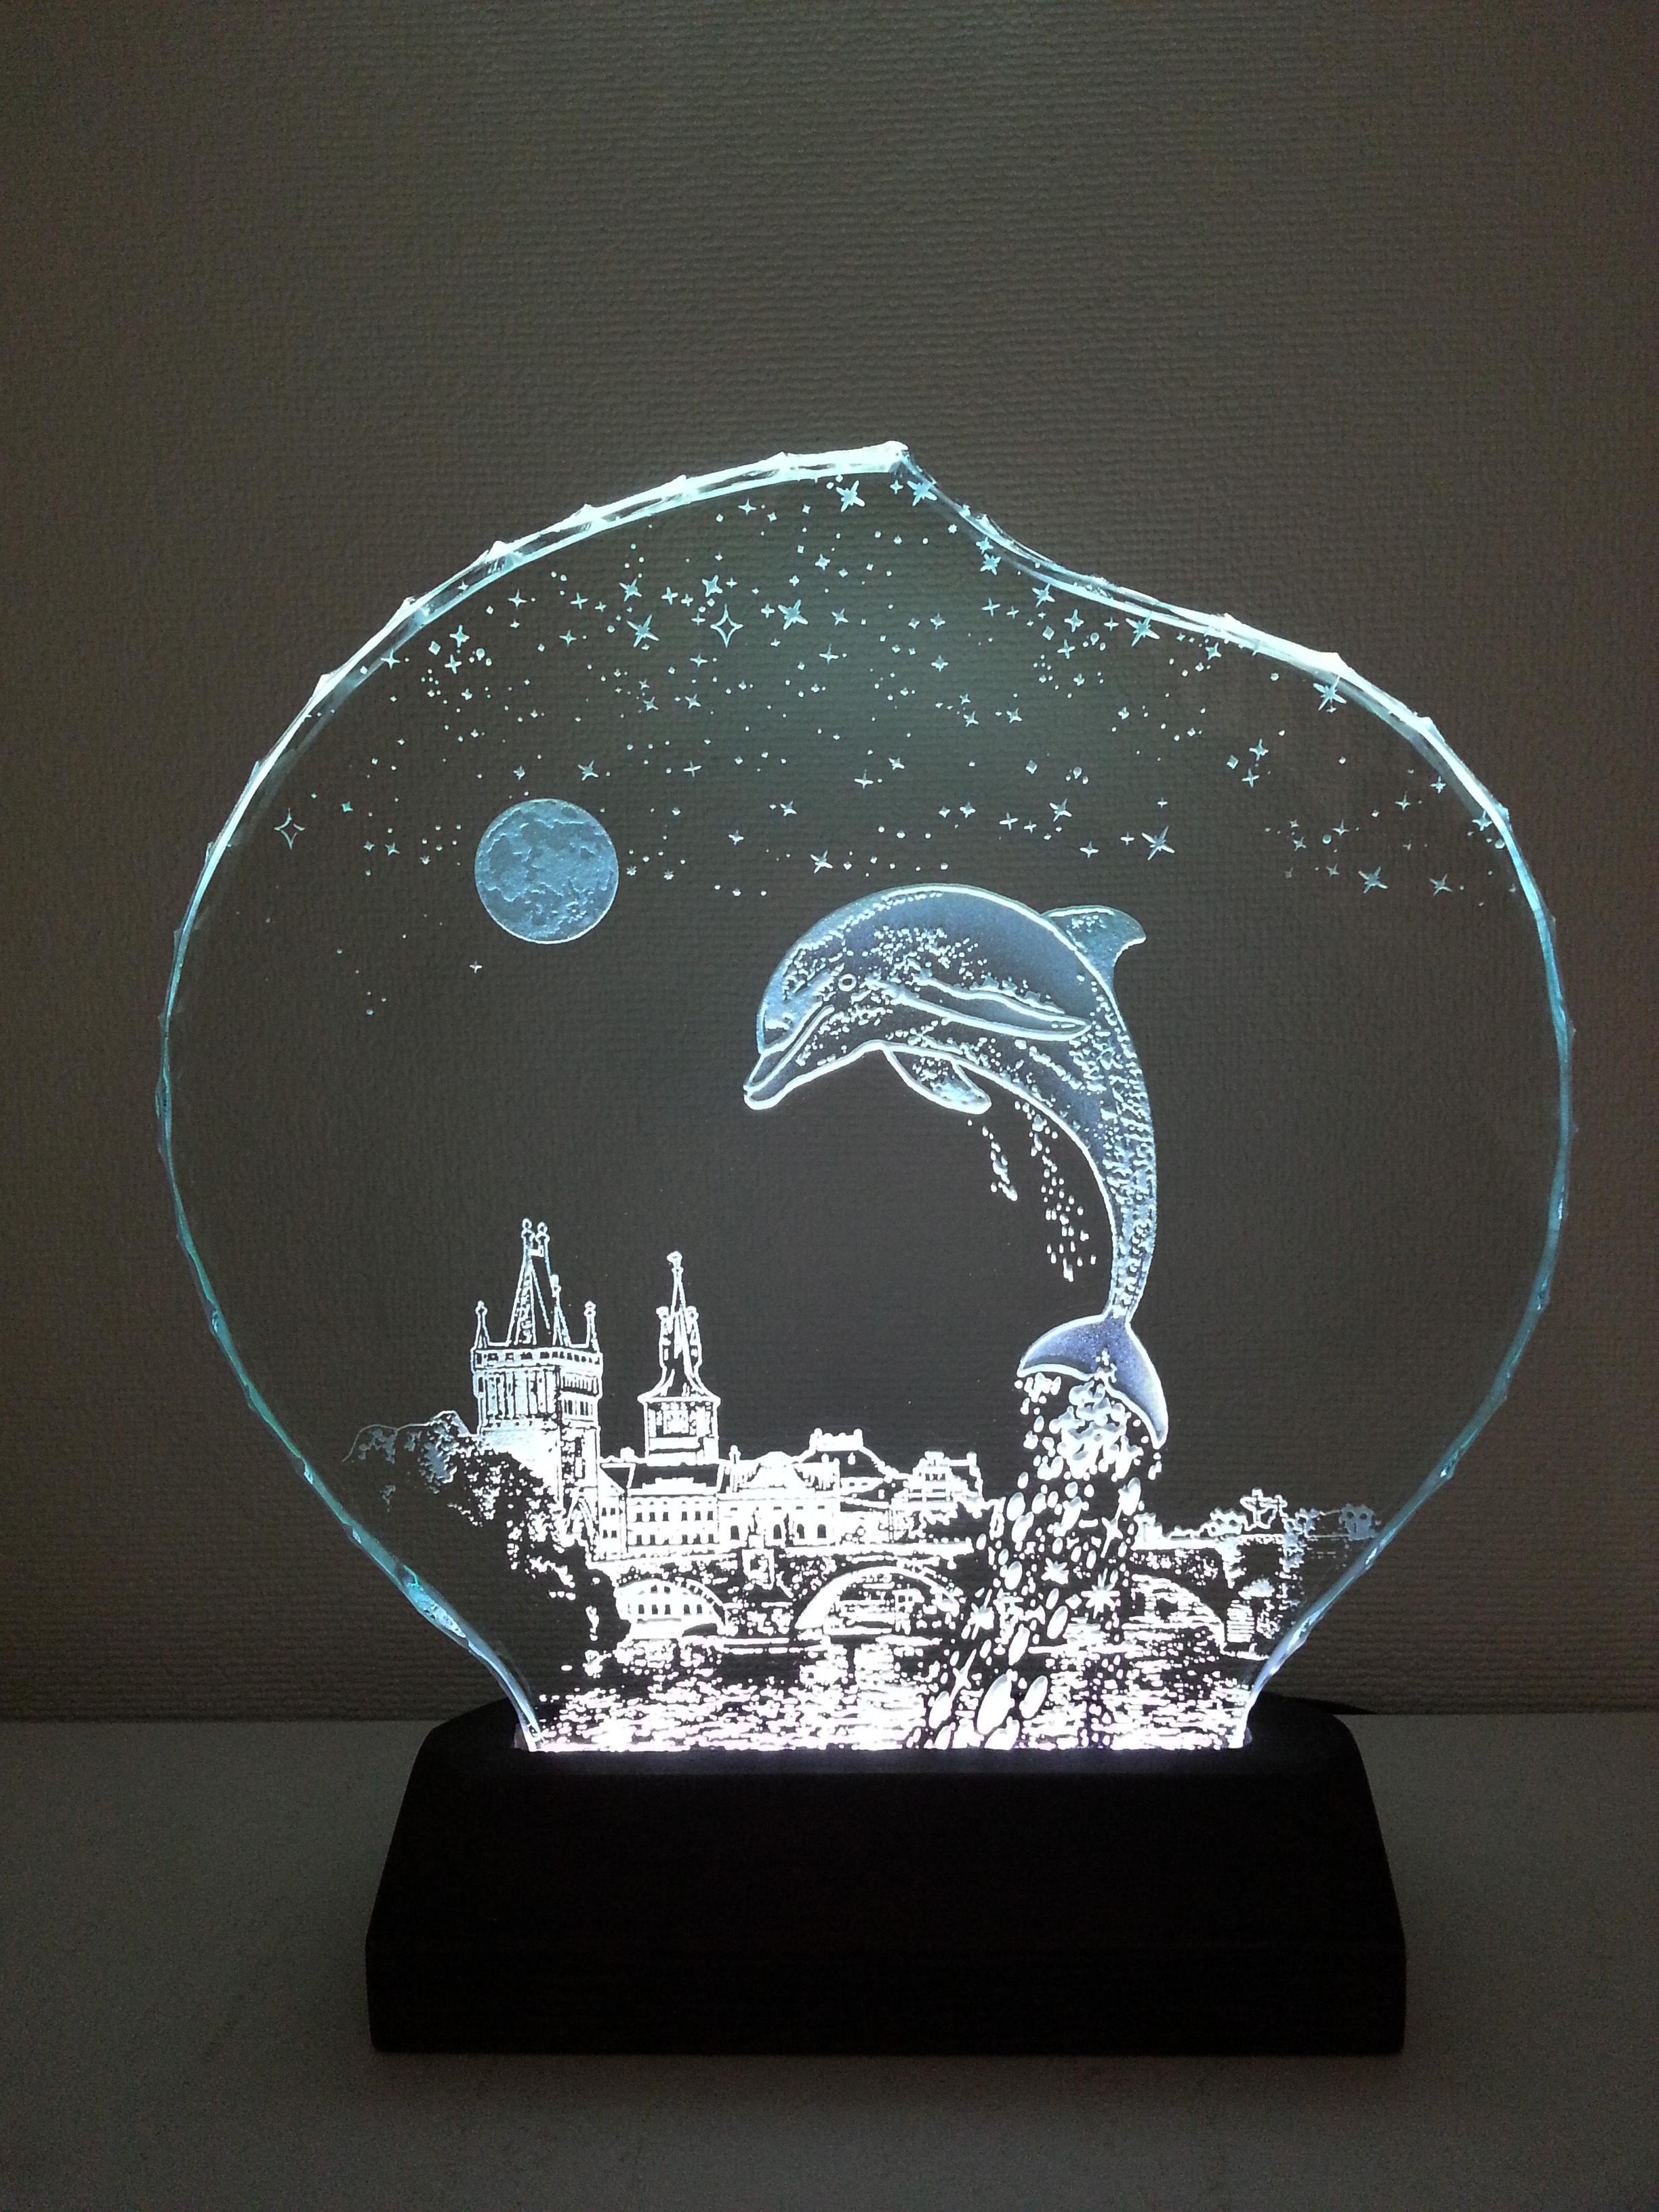 星降る夜・イルカ・プラハ ガラスエッチングパネル Mサイズ・LEDスタンドセット(ランプ・ライト・照明)